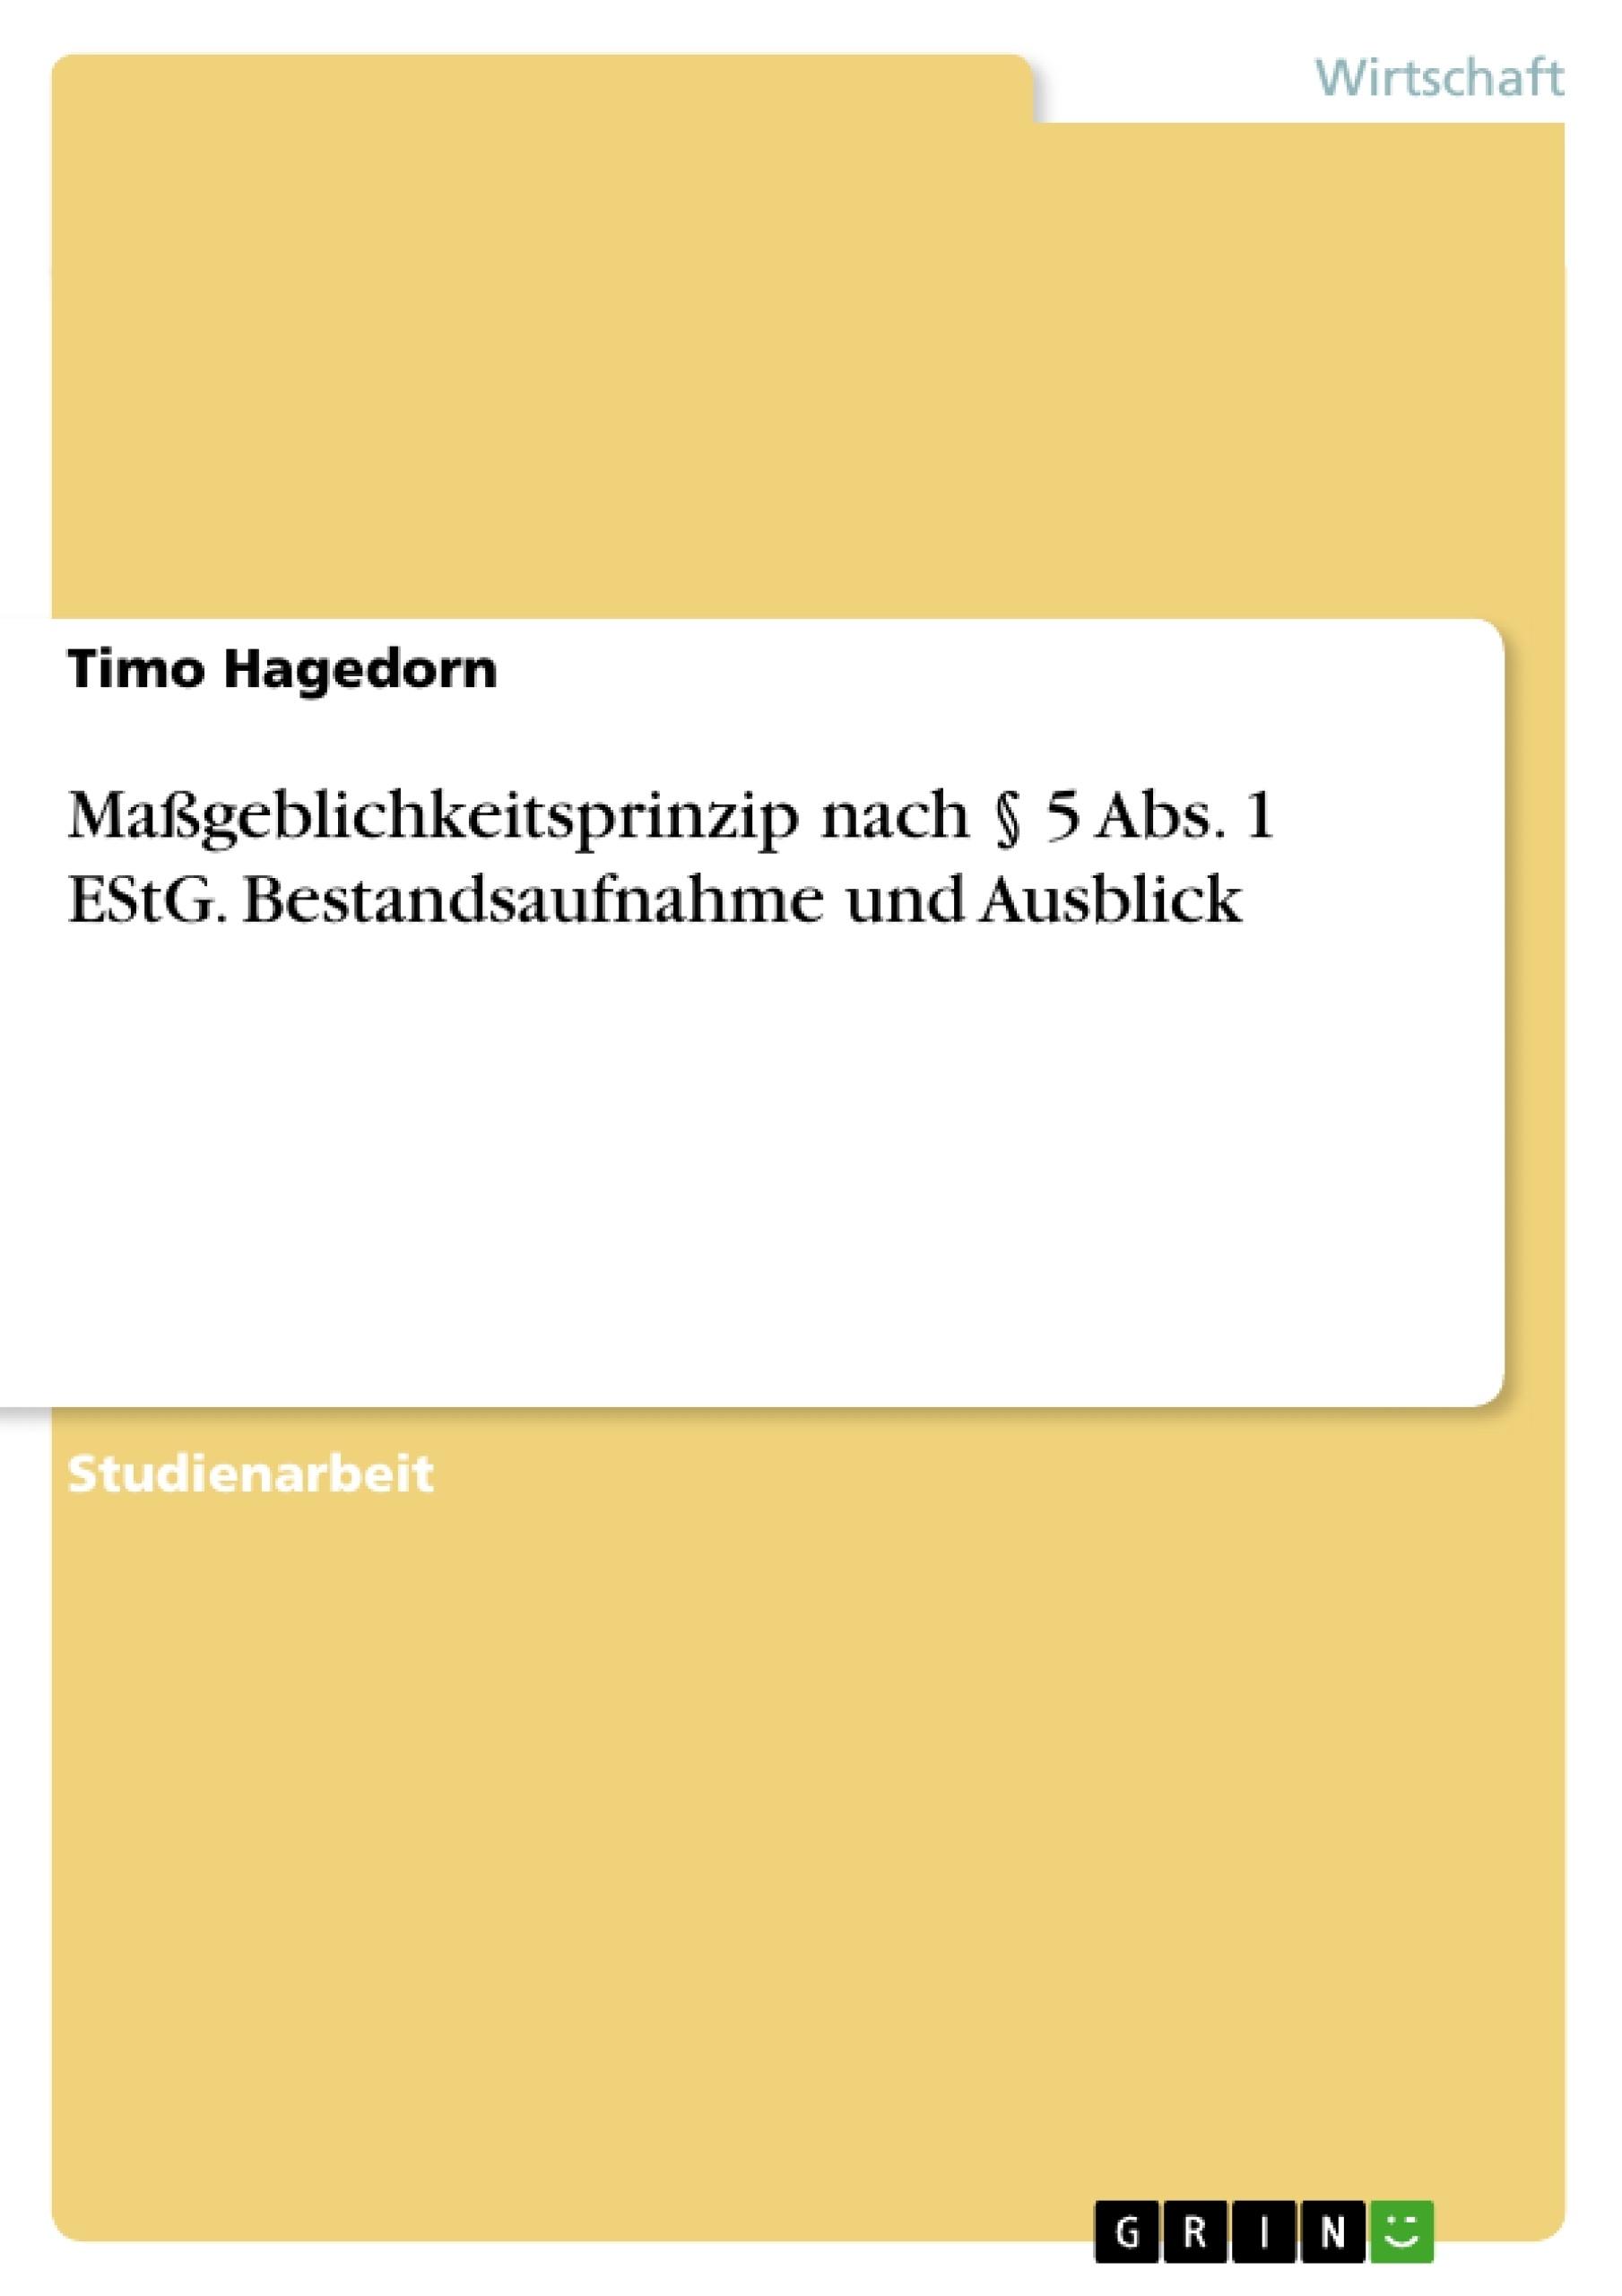 Titel: Maßgeblichkeitsprinzip nach § 5 Abs. 1 EStG. Bestandsaufnahme und Ausblick